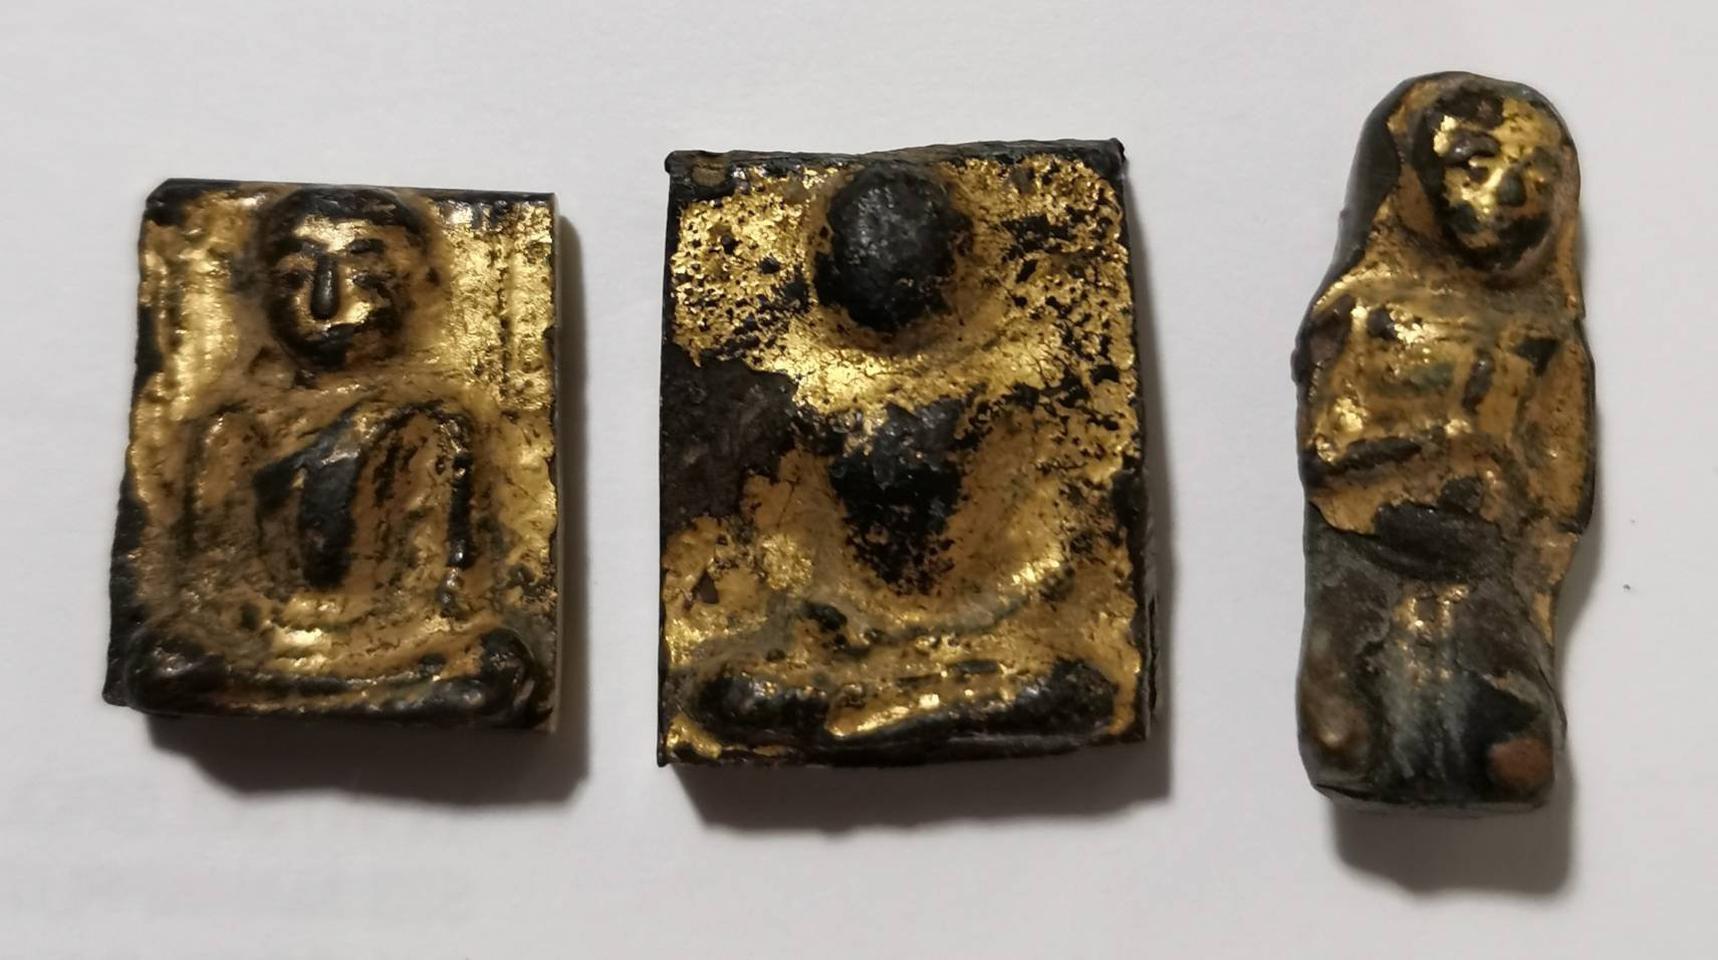 4797 พระรัตนะ แผงตัด ของวัดบางหญ่าแพรก เนื้อทองผสมลงรักปิดทอ รูปที่ 1